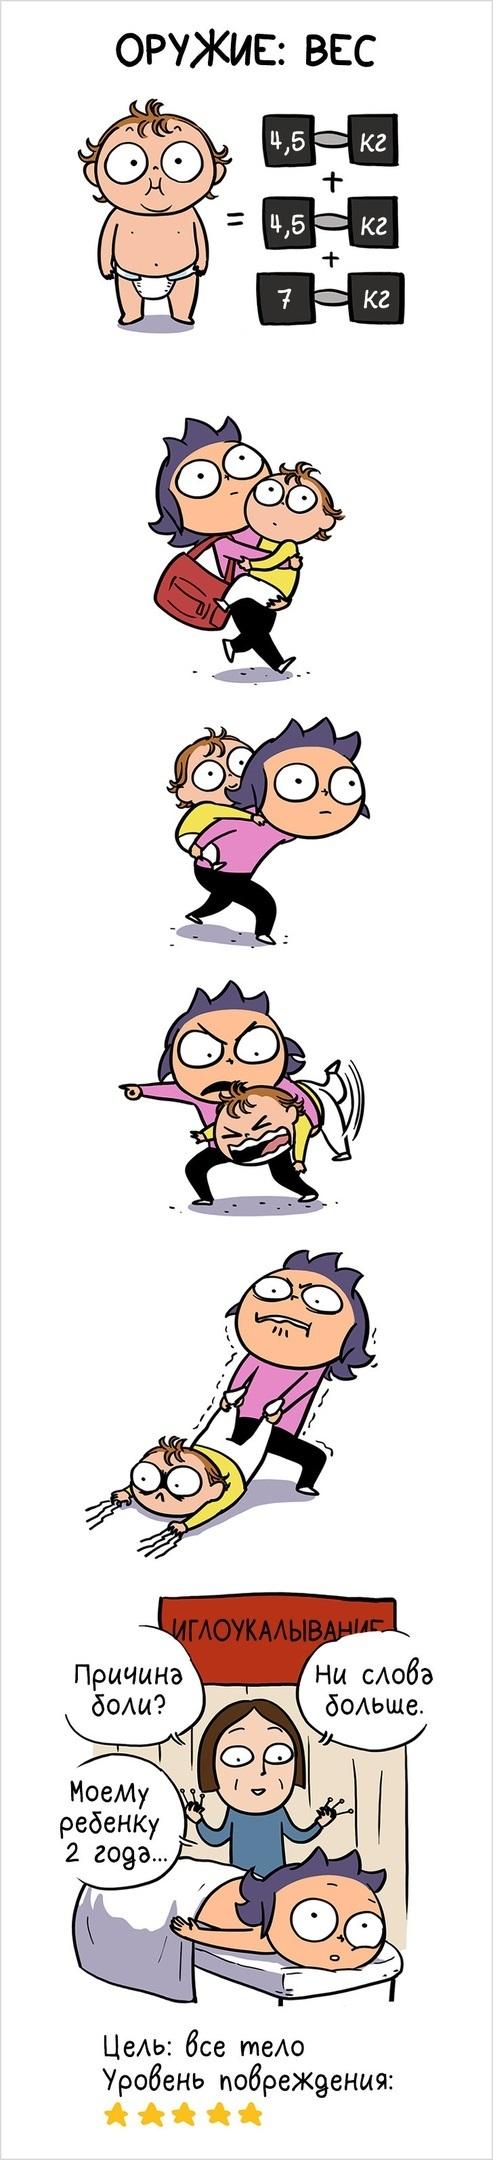 Вся физическая боль родительства в комиксах.